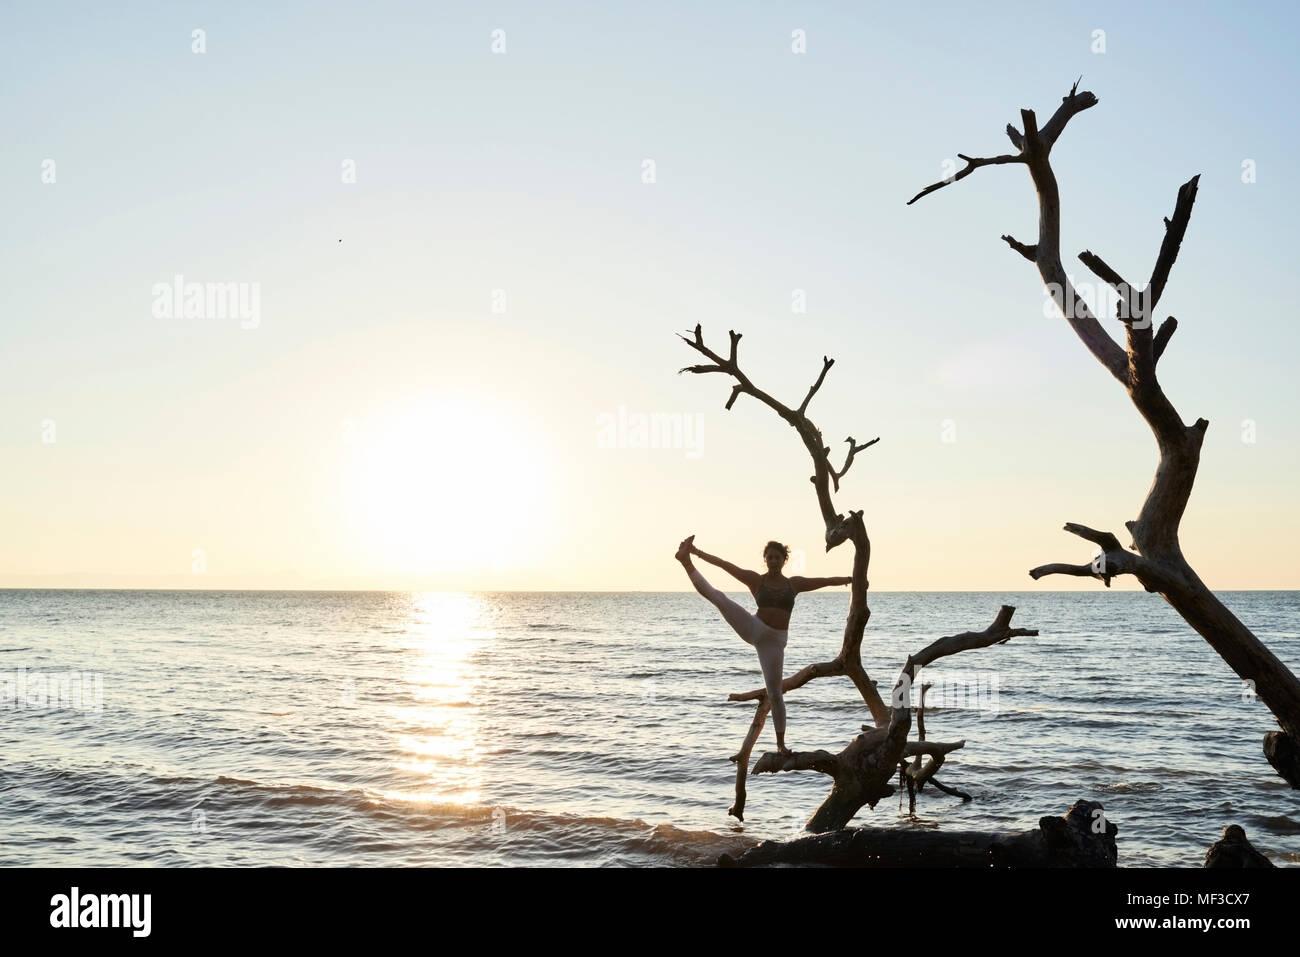 Junge Frau mit Yoga auf einen umgestürzten Baum im Meer bei Sonnenuntergang Stockbild